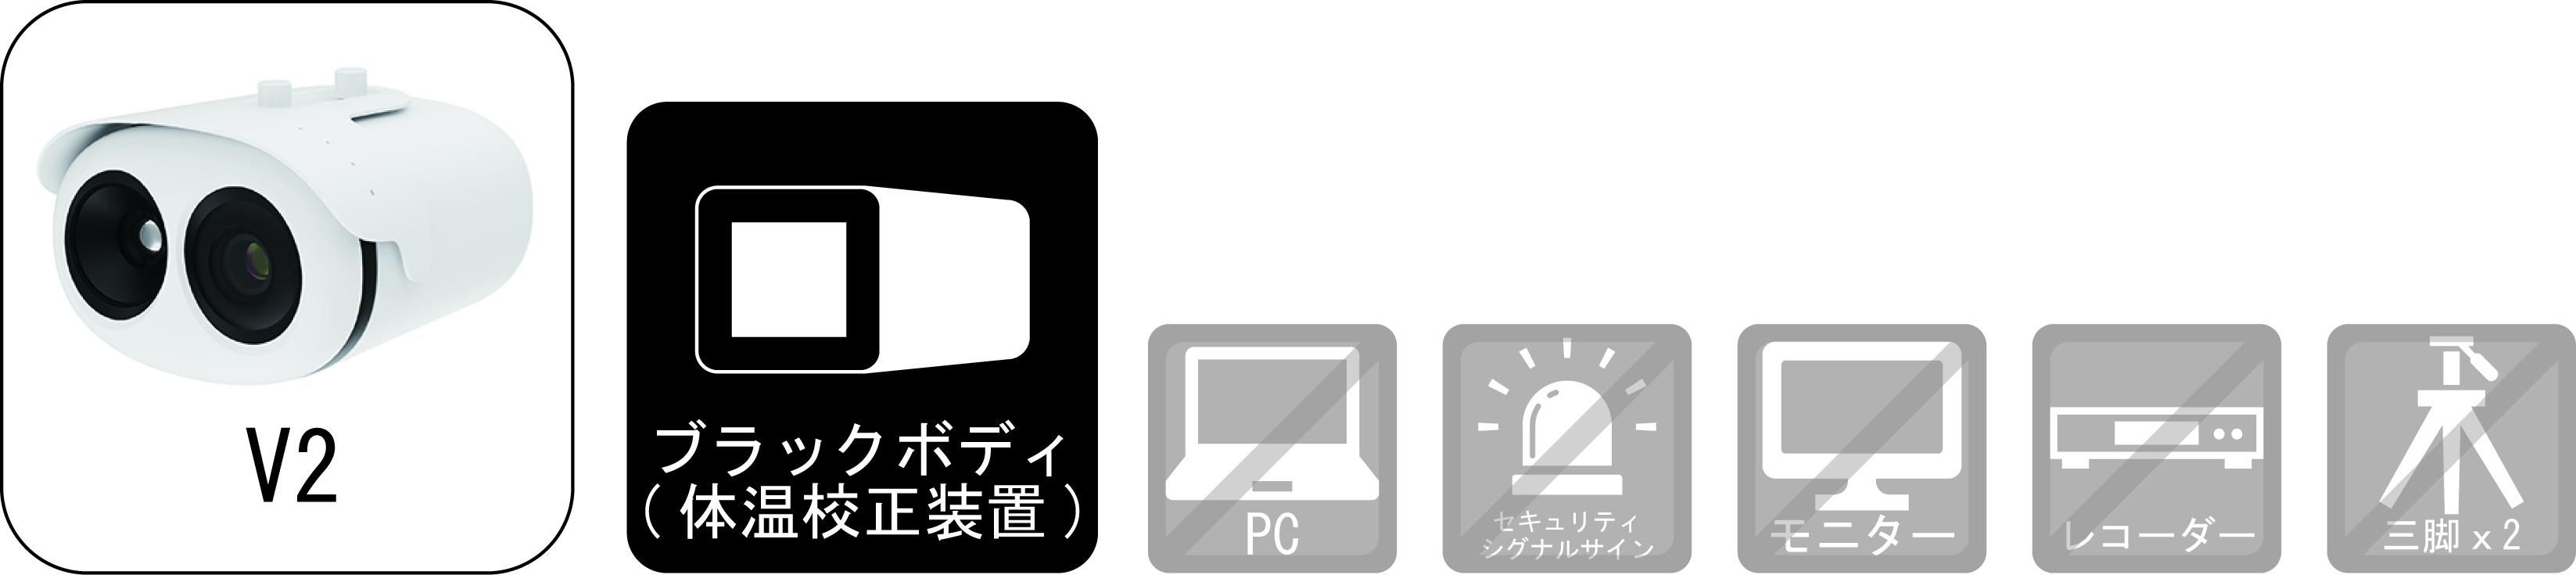 体表面計測専用サーモグラフィシステム V2セット(V2+ブラックボディ)